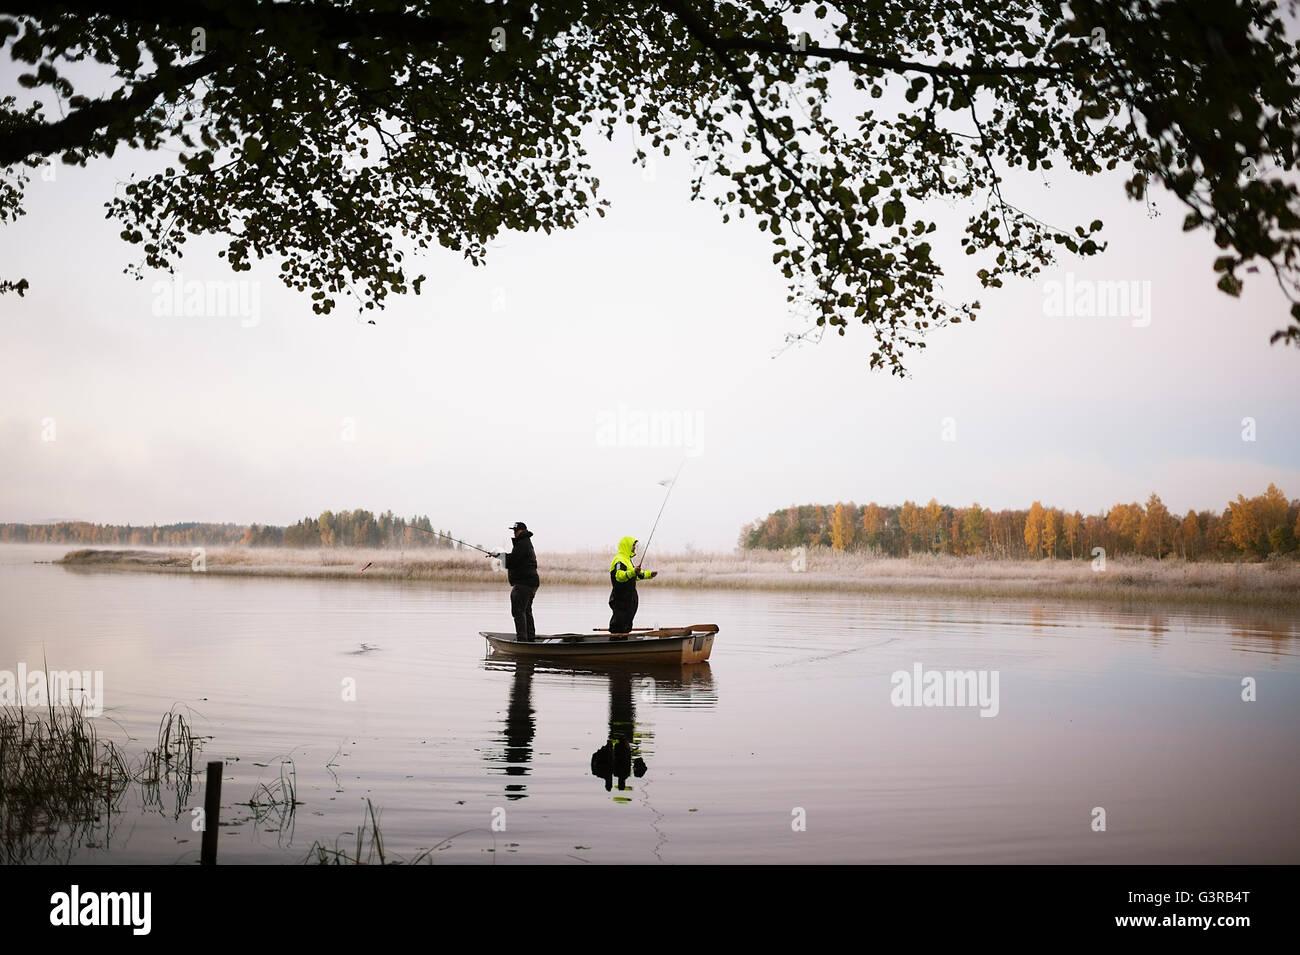 Suecia, Vastmanland, Bergslagen, Torrvarpen de hombres jóvenes, la pesca en el lago al atardecer Imagen De Stock